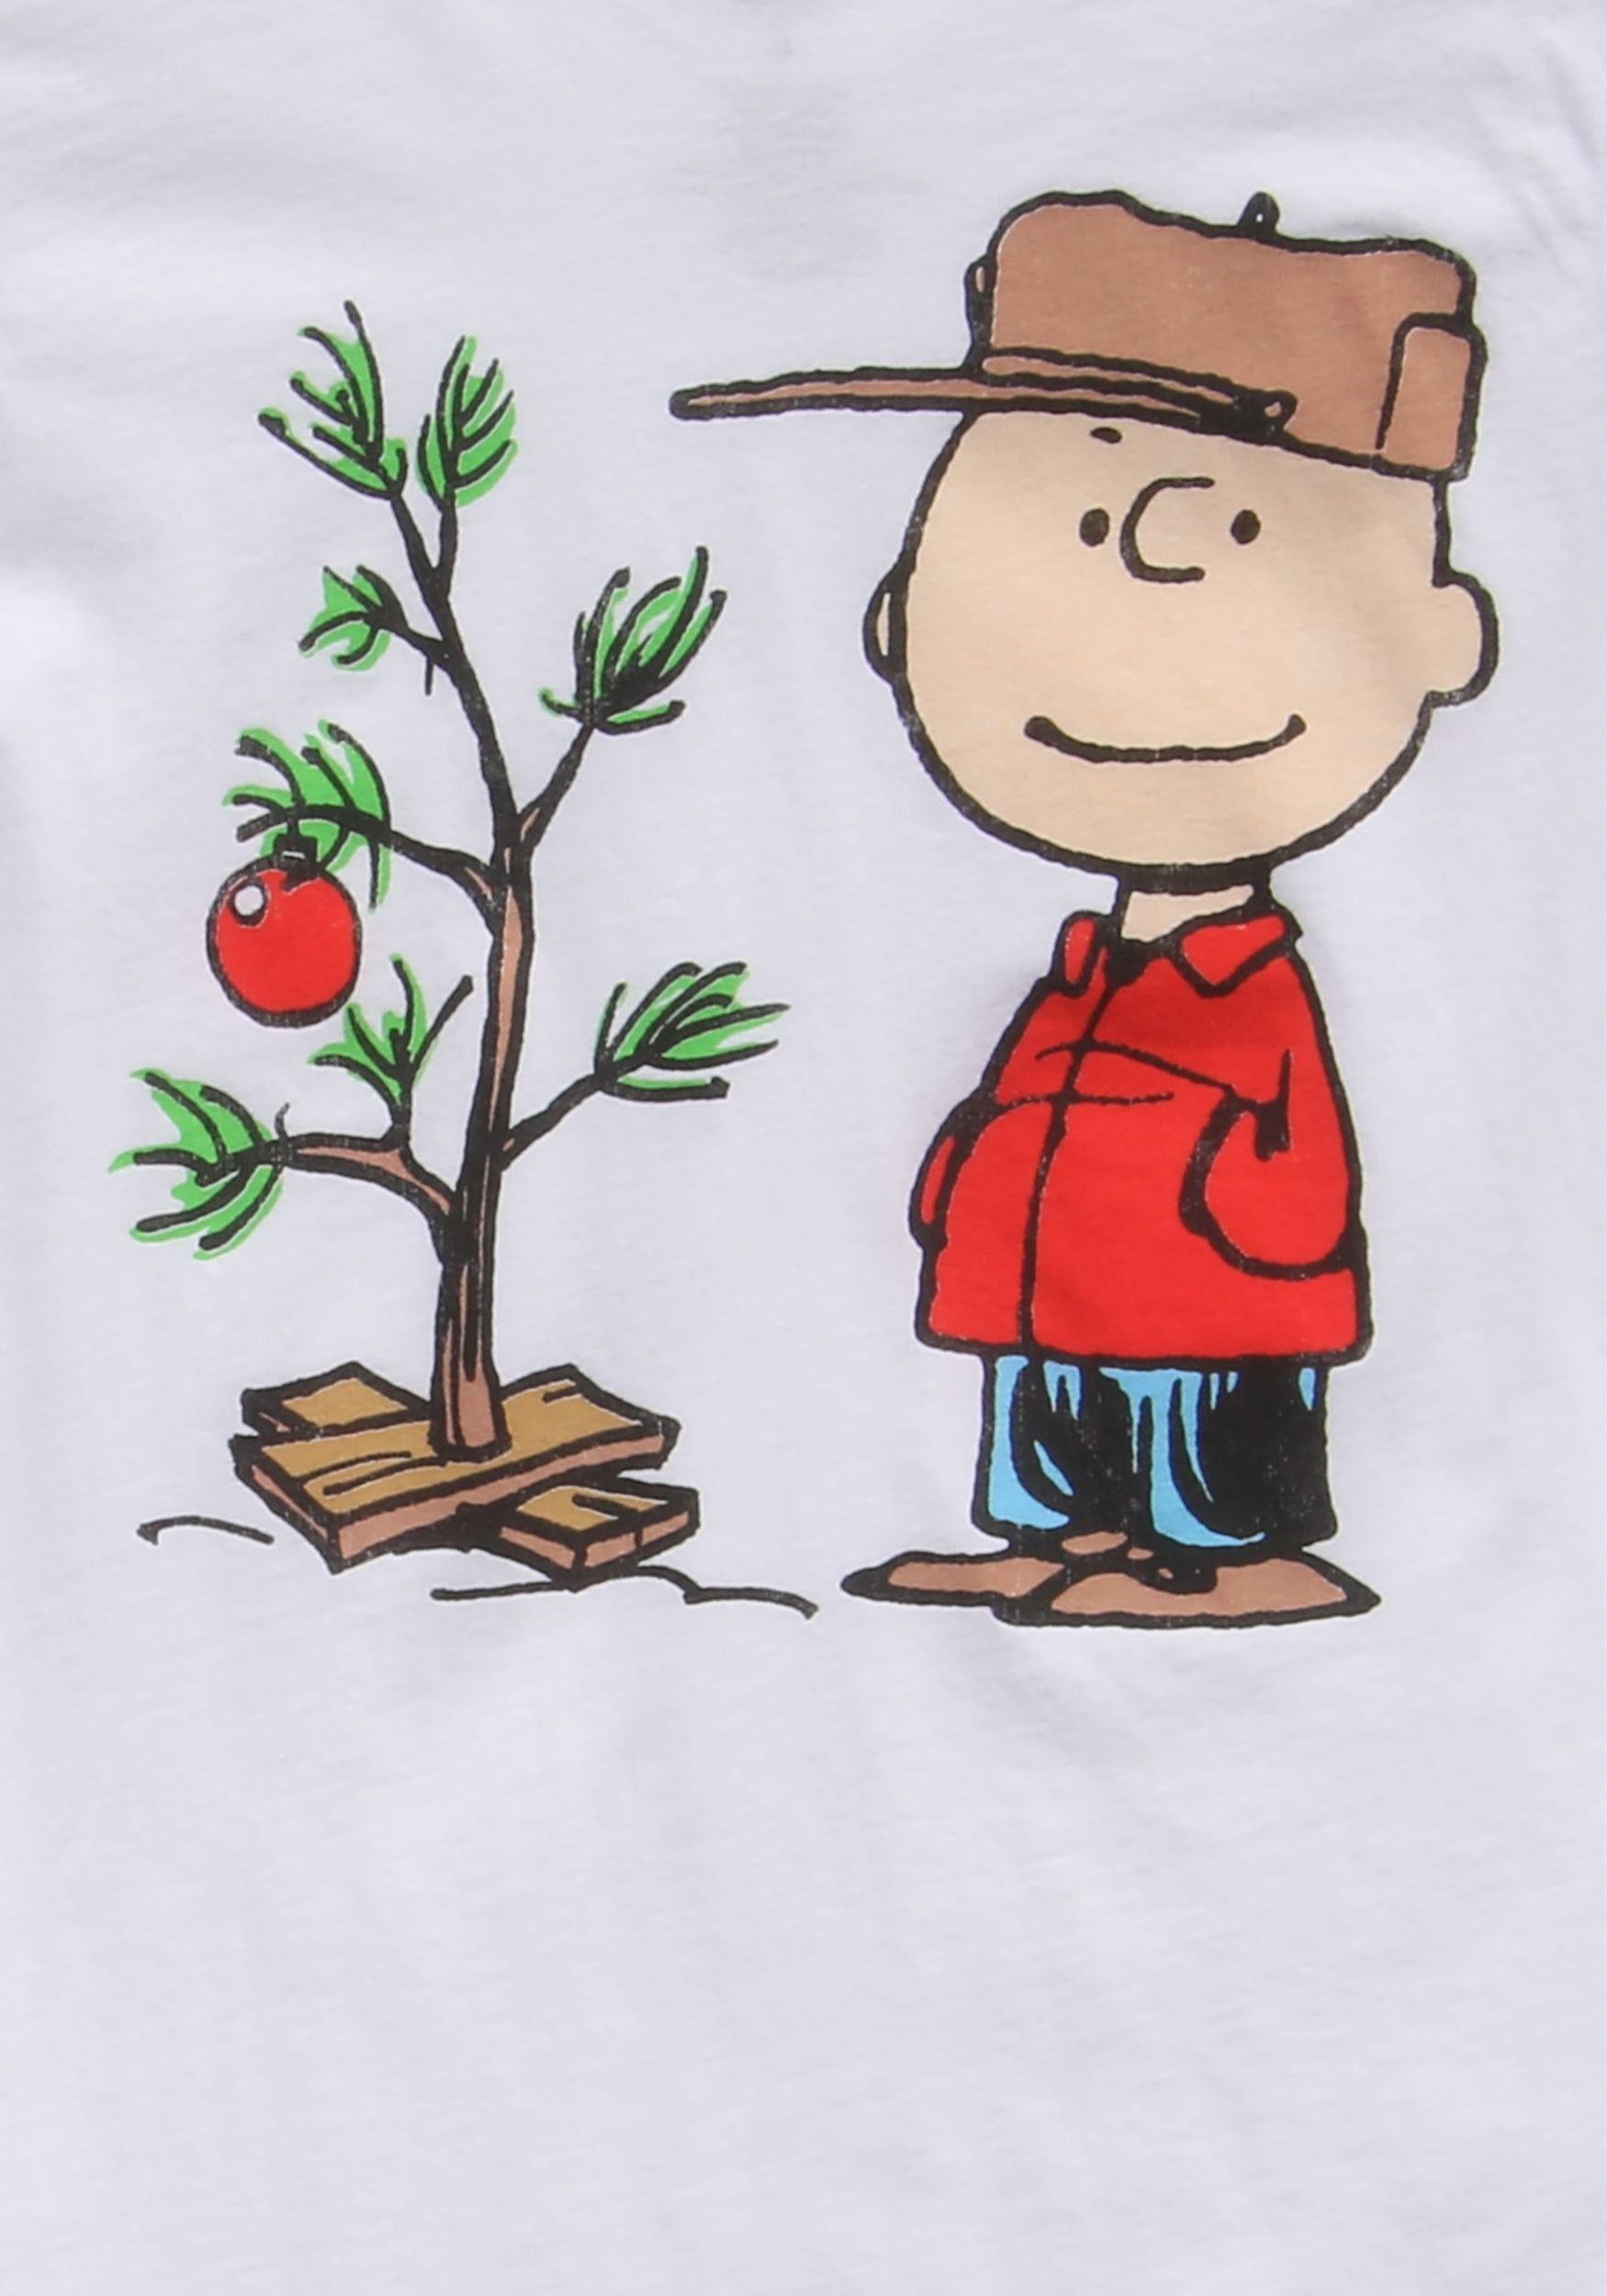 Charlie Brown Christmas Tree Drawing.Image Result For Charlie Brown Christmas Tree Sign